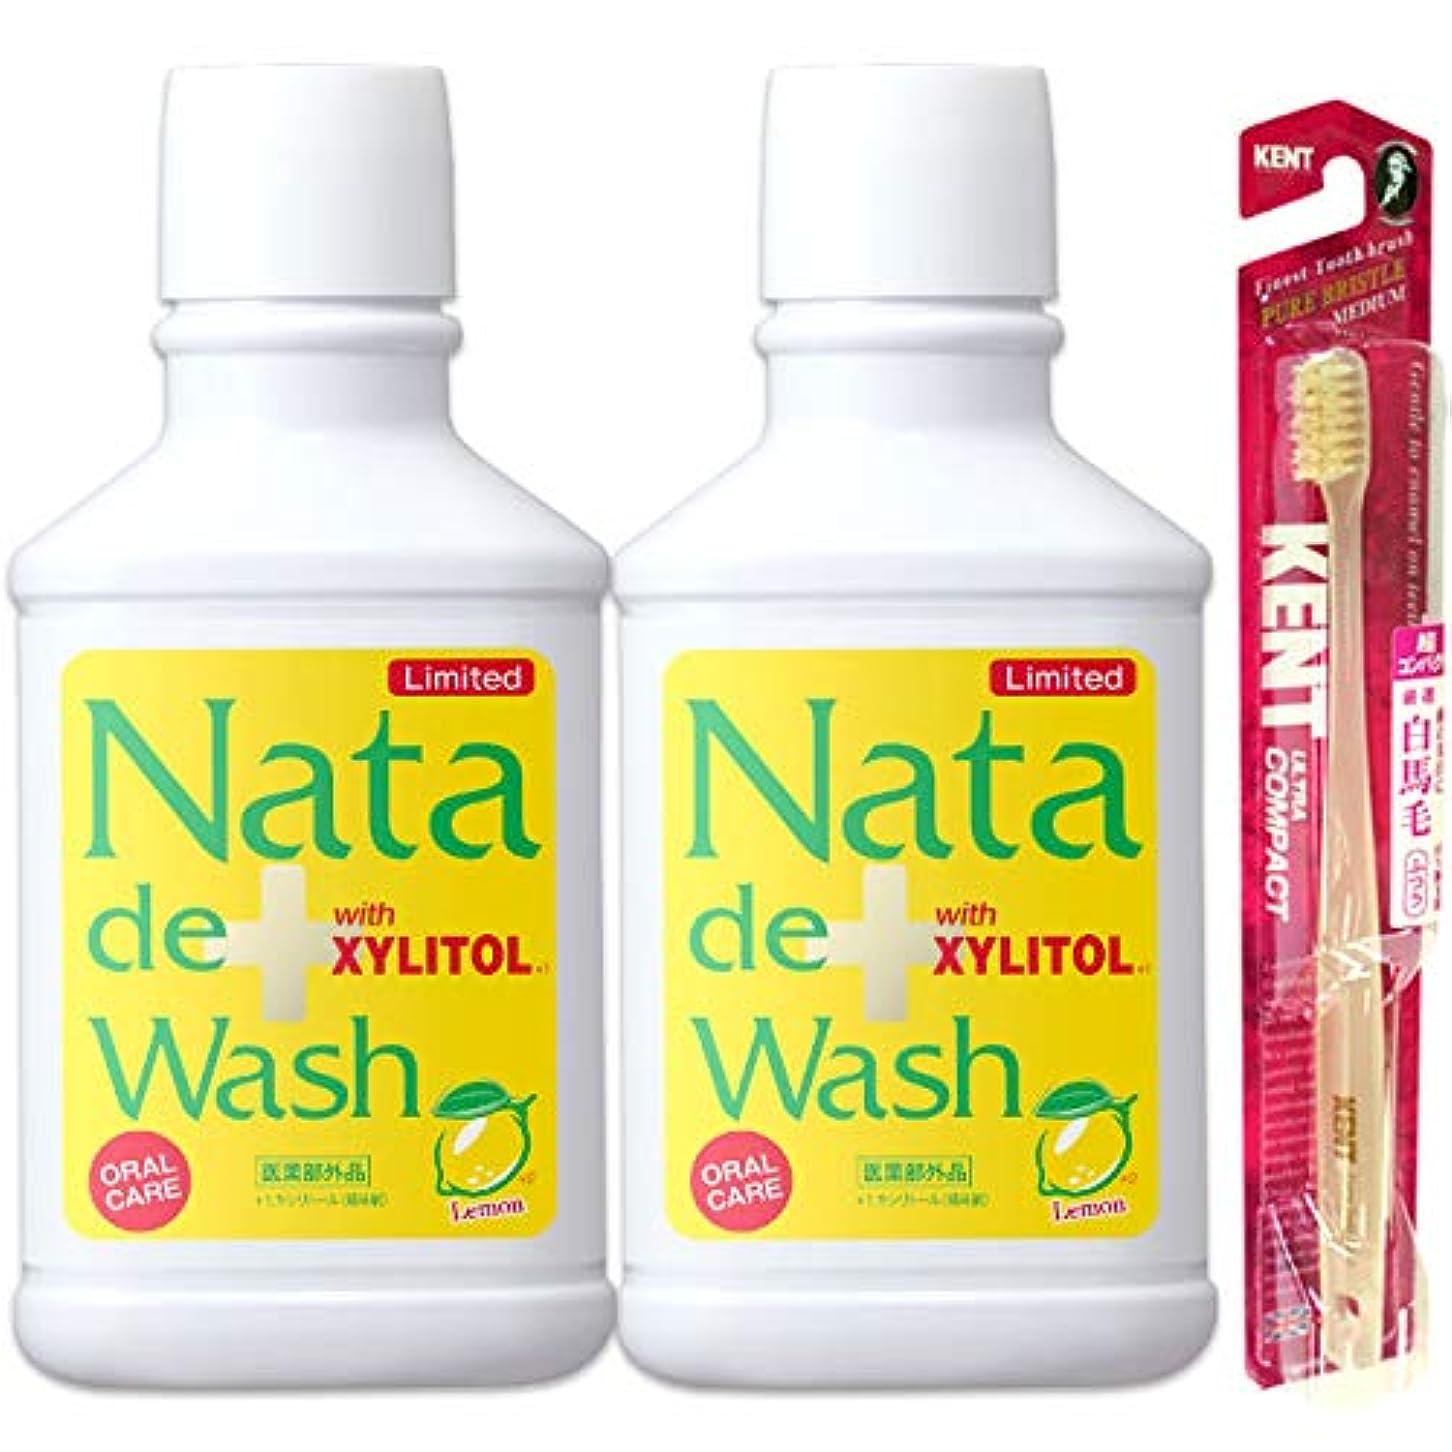 サンプル甲虫だらしない薬用ナタデウォッシュ 限定レモンタイプ 500ml 2本& KENT歯ブラシ1本プレゼント